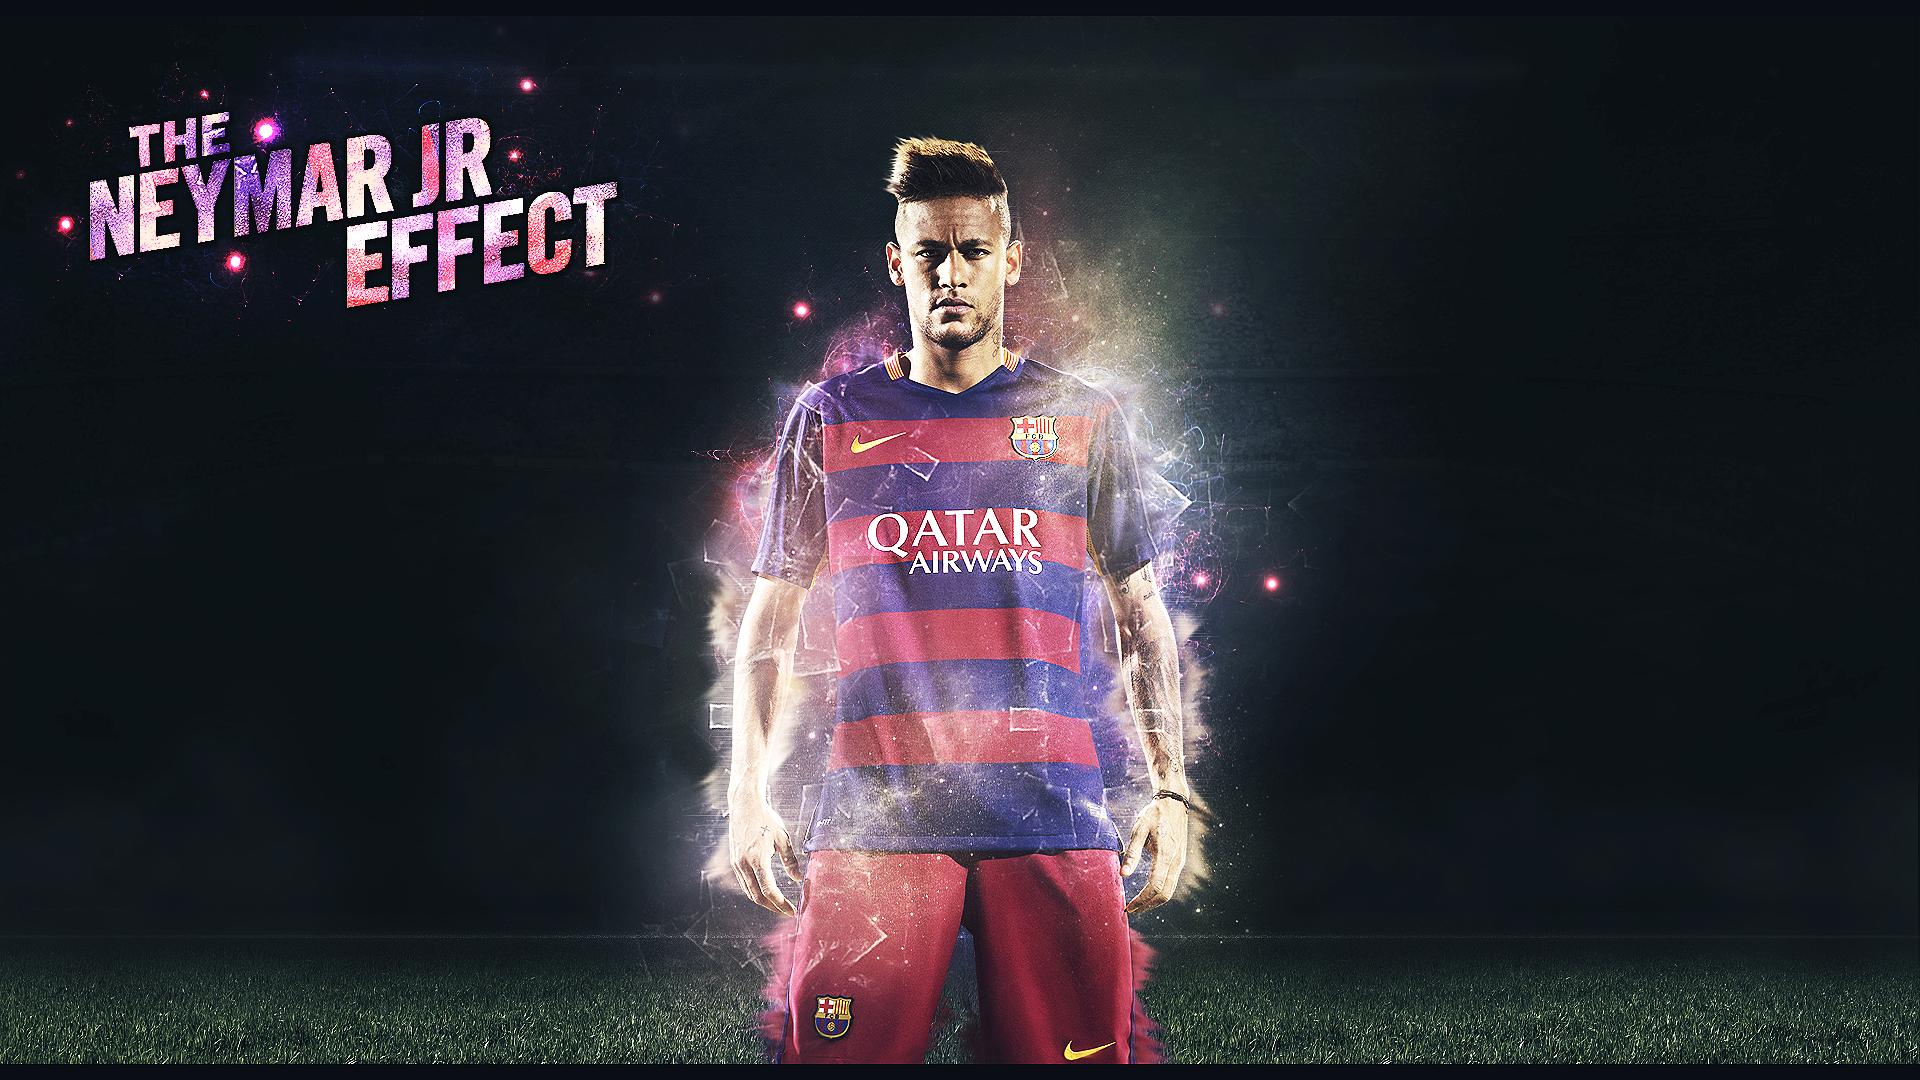 Neymar Jr Effect Bjerkeng Visuals